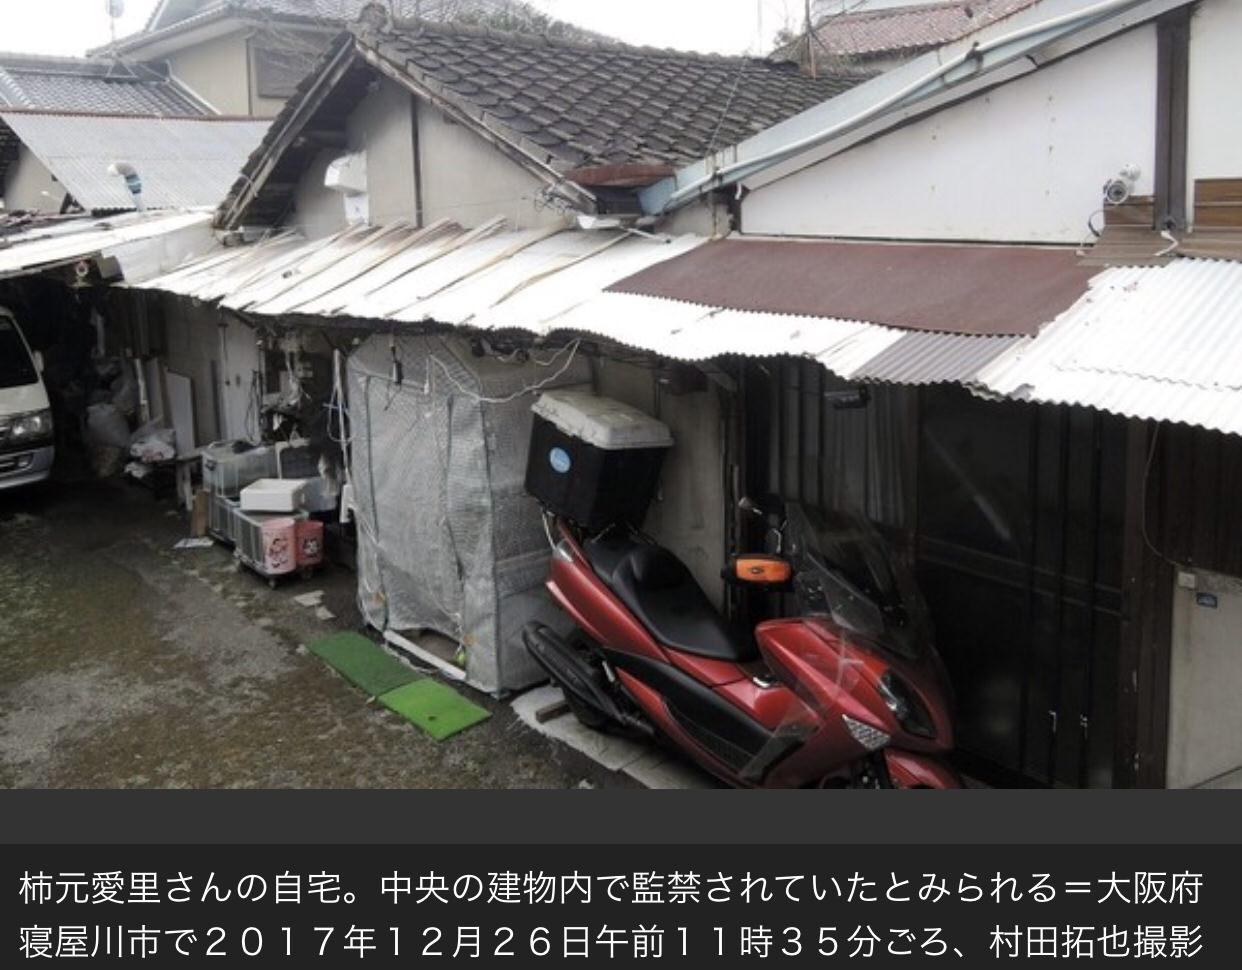 【画像】寝屋川の33歳長女が監禁されてた家がこれらしいwwwwwwwwwww のサムネイル画像